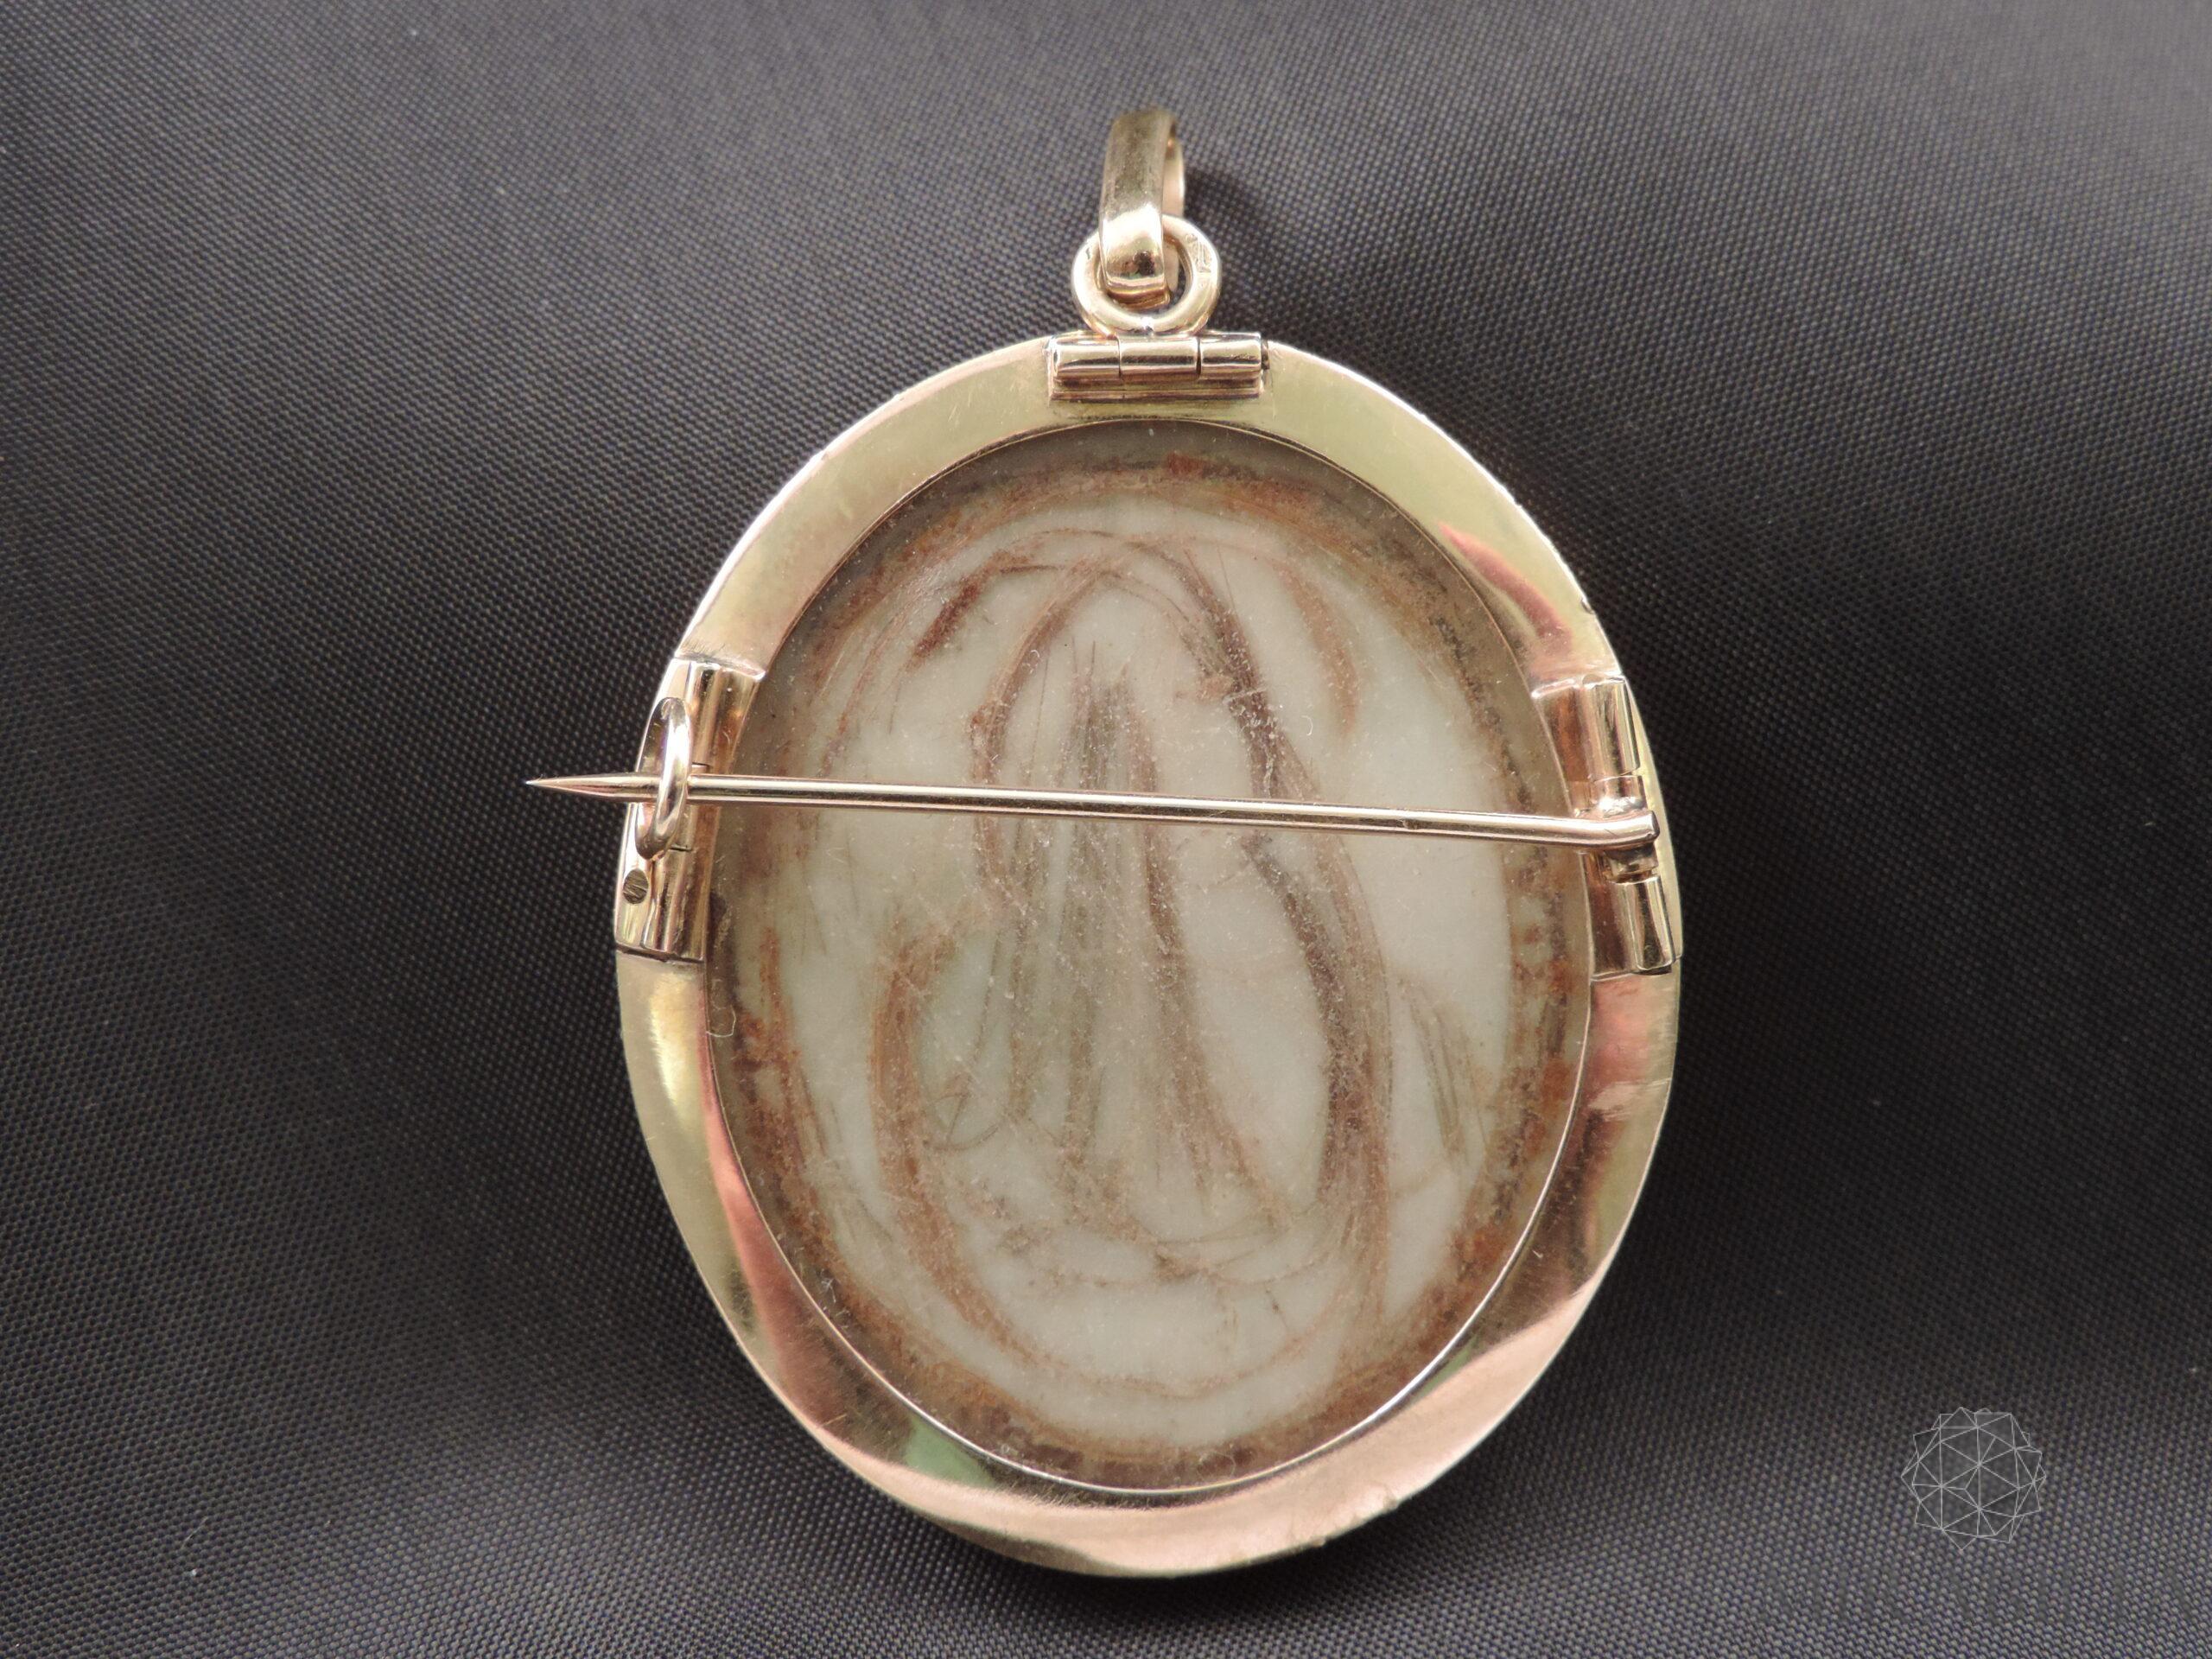 Ritratto-miniatura di un giovane, realizzato su lastra di avorio e montato su un medaglione in oro giallo 18 ct ( dettaglio retro)